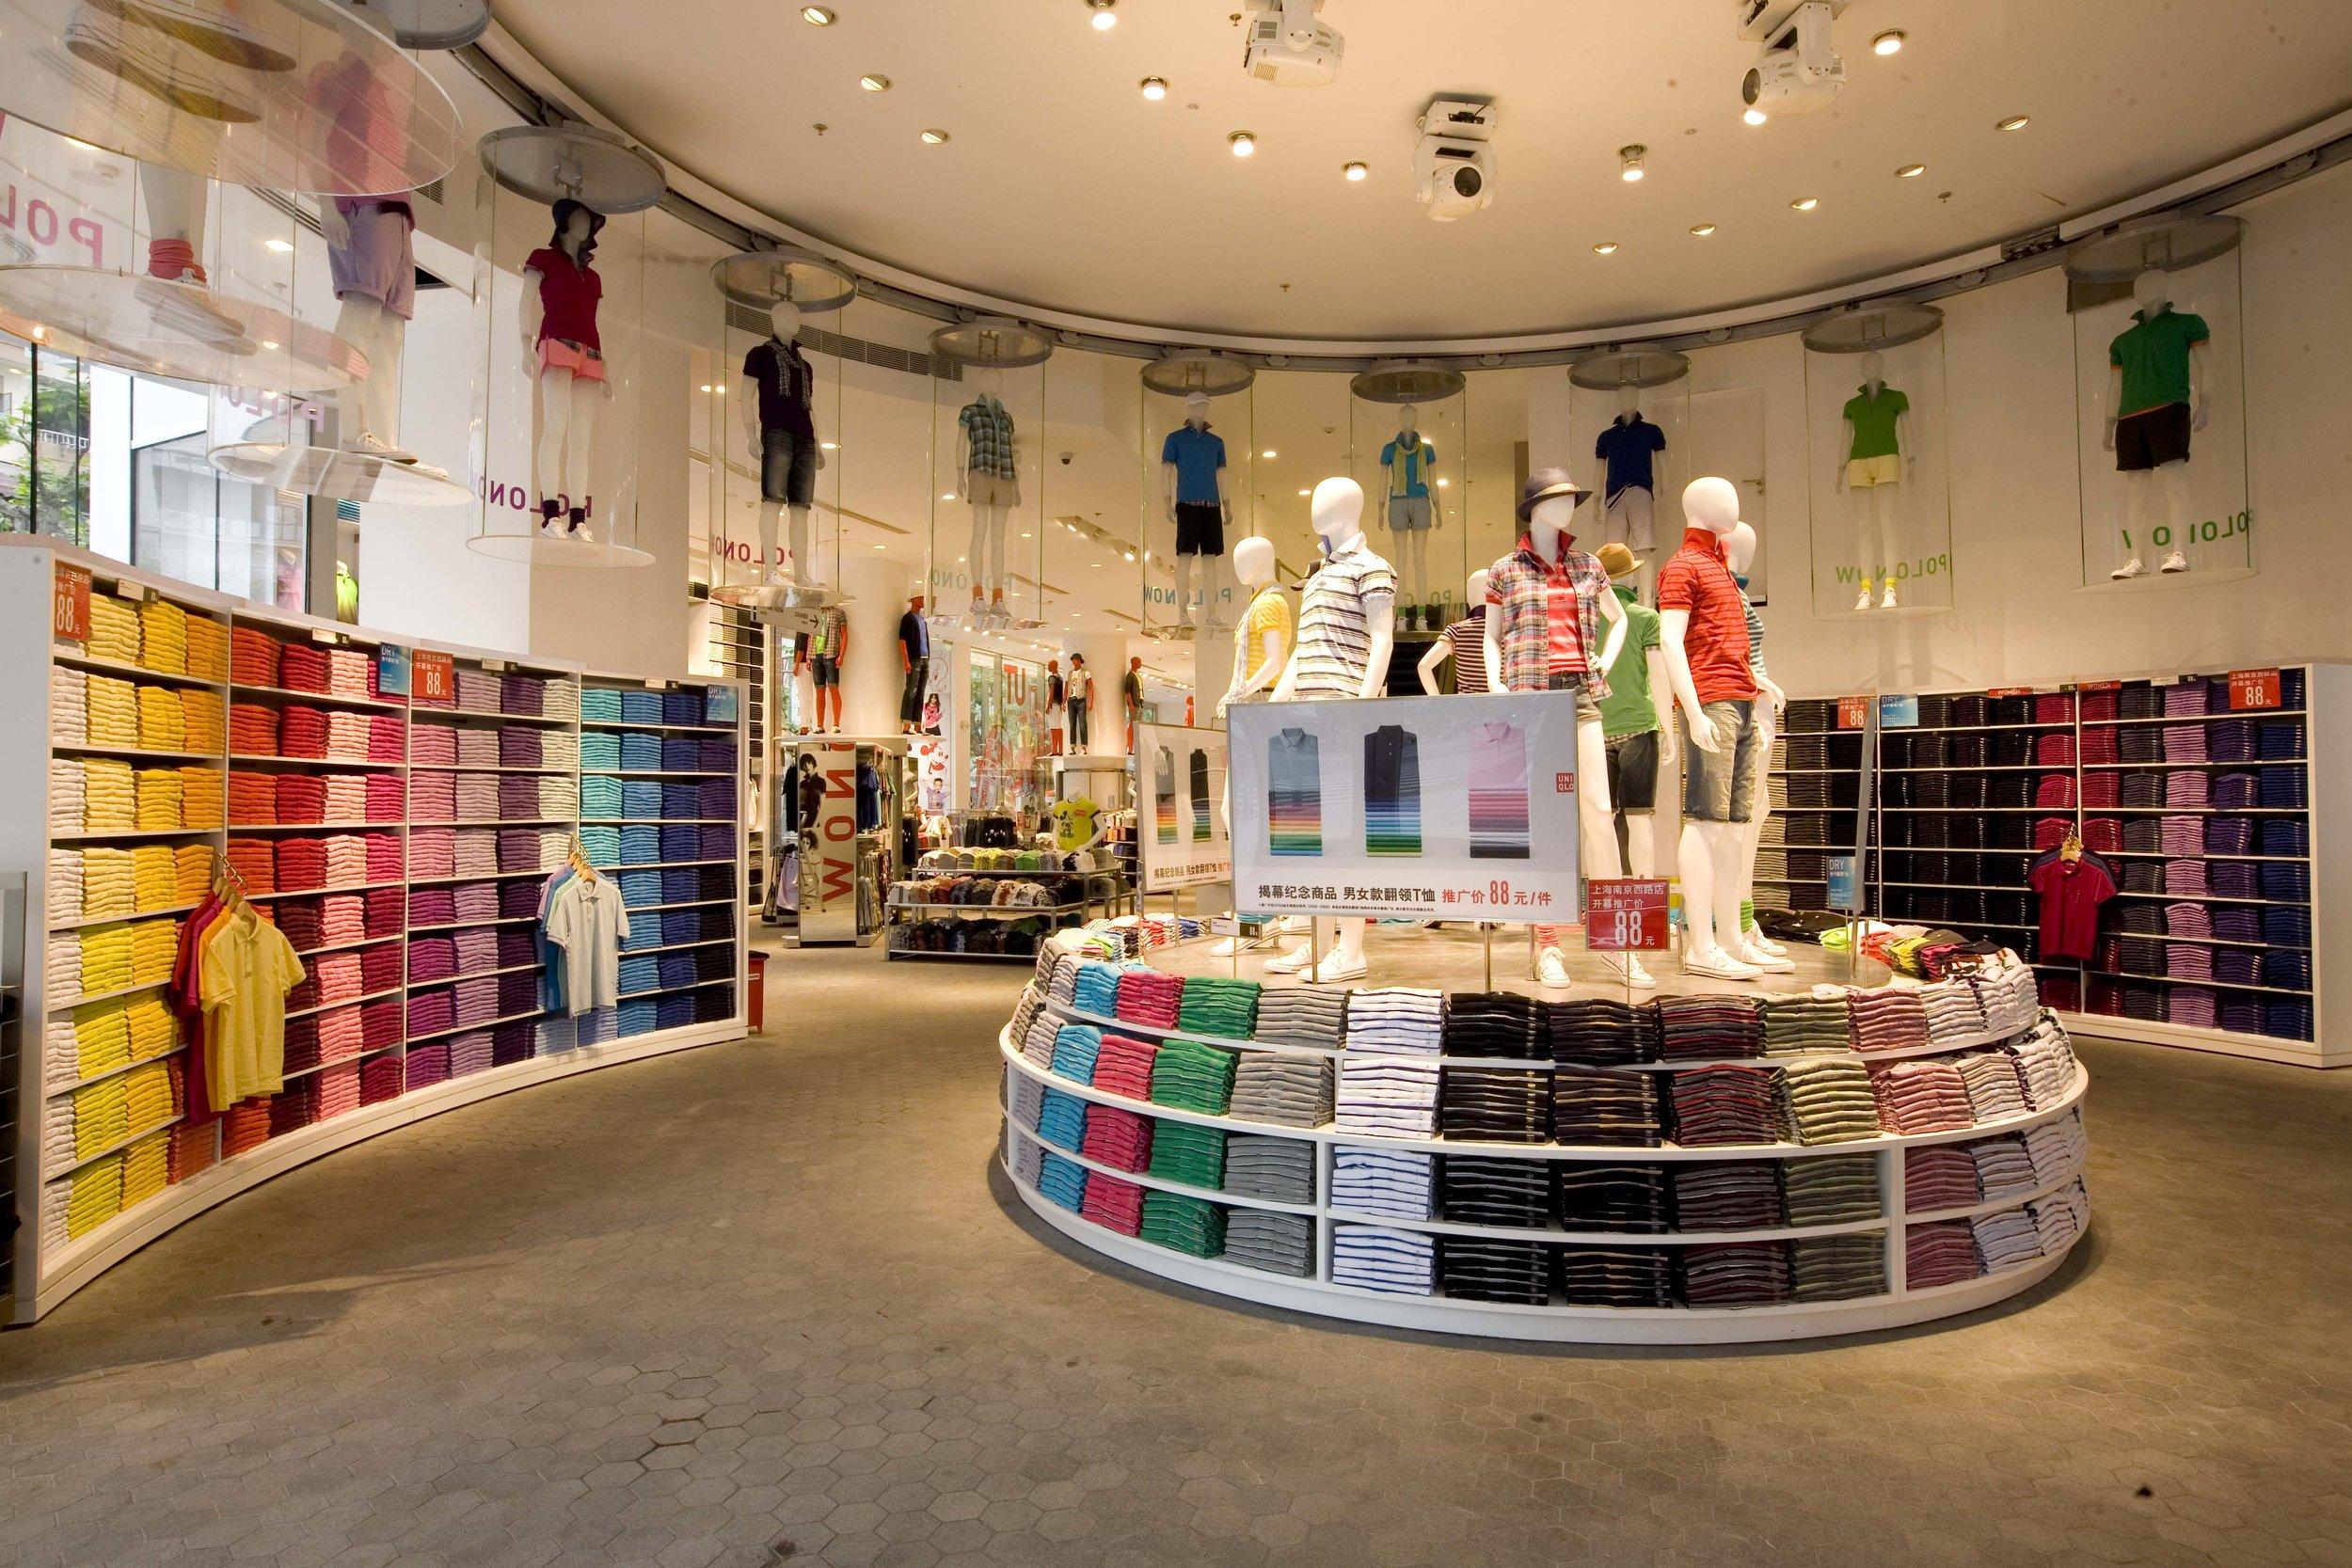 Magasin de vêtements Uniqlo est pionnier dans l'utilisation de la science et de l'IA pour créer une expérience unique en magasin.